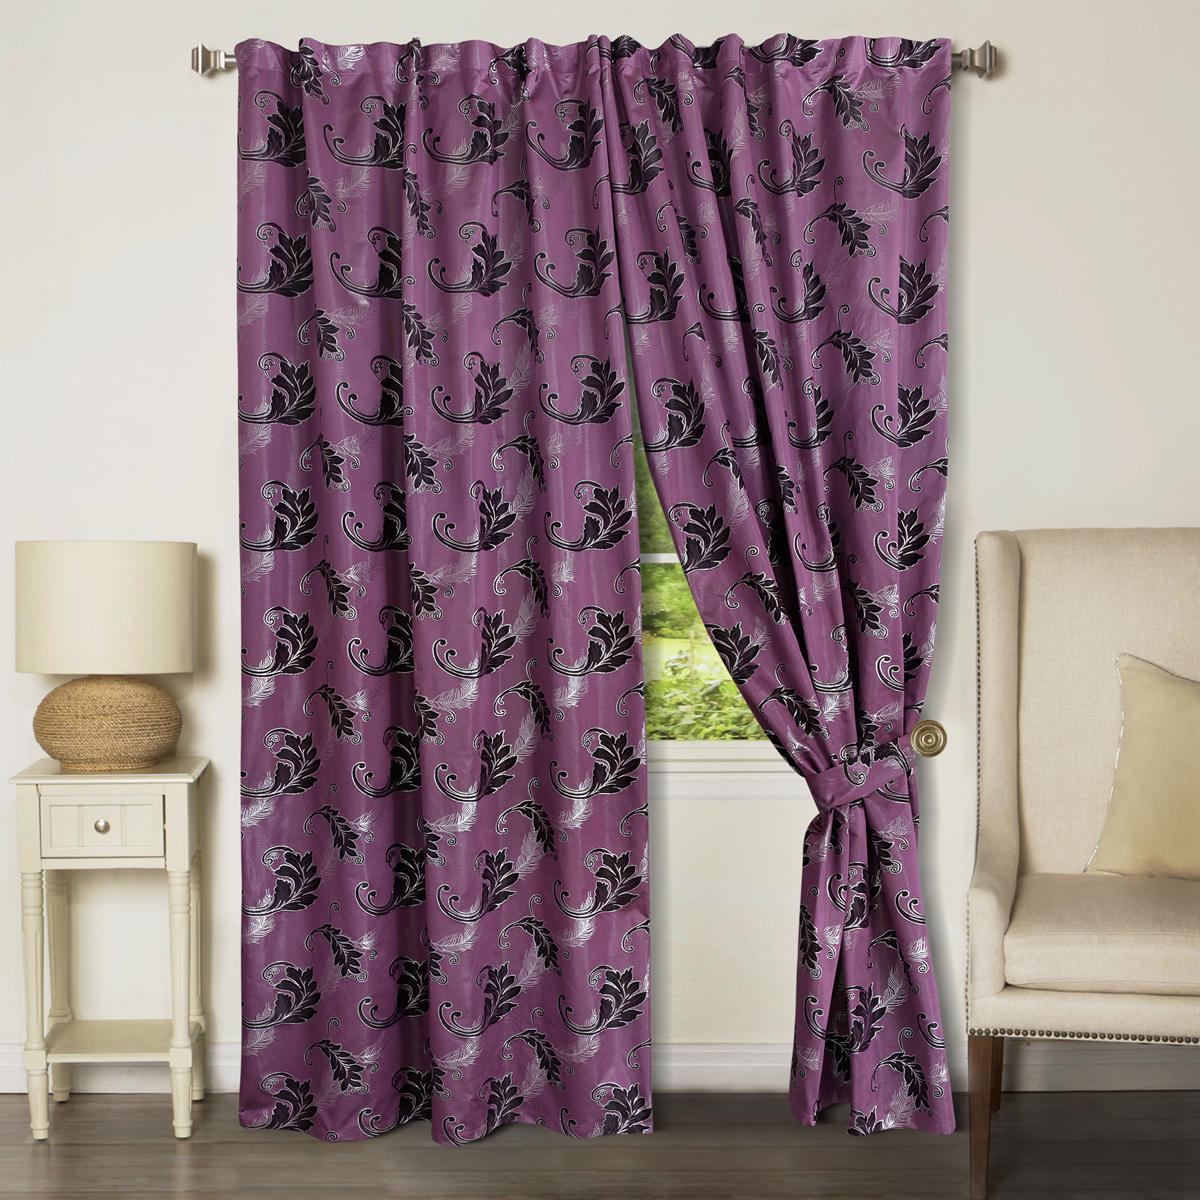 Комплект штор Zlata Korunka, на ленте, цвет: фиолетовый, высота 265 см, 2 шт. 777171777171Роскошный комплект штор Zlata Korunka комплект состоит из двух штор, выполненных из 100% полиэстера, которые великолепно украсит любоеокно. Плотная ткань, оригинальный орнамент и приятная, приглушенная гамма привлекут к себе внимание и органично впишутся в интерьерпомещения.Комплект крепится на карниз при помощи шторной ленты, которая поможеткрасиво и равномерно задрапировать верх. Этот комплект будет долгое время радовать вас и вашу семью!